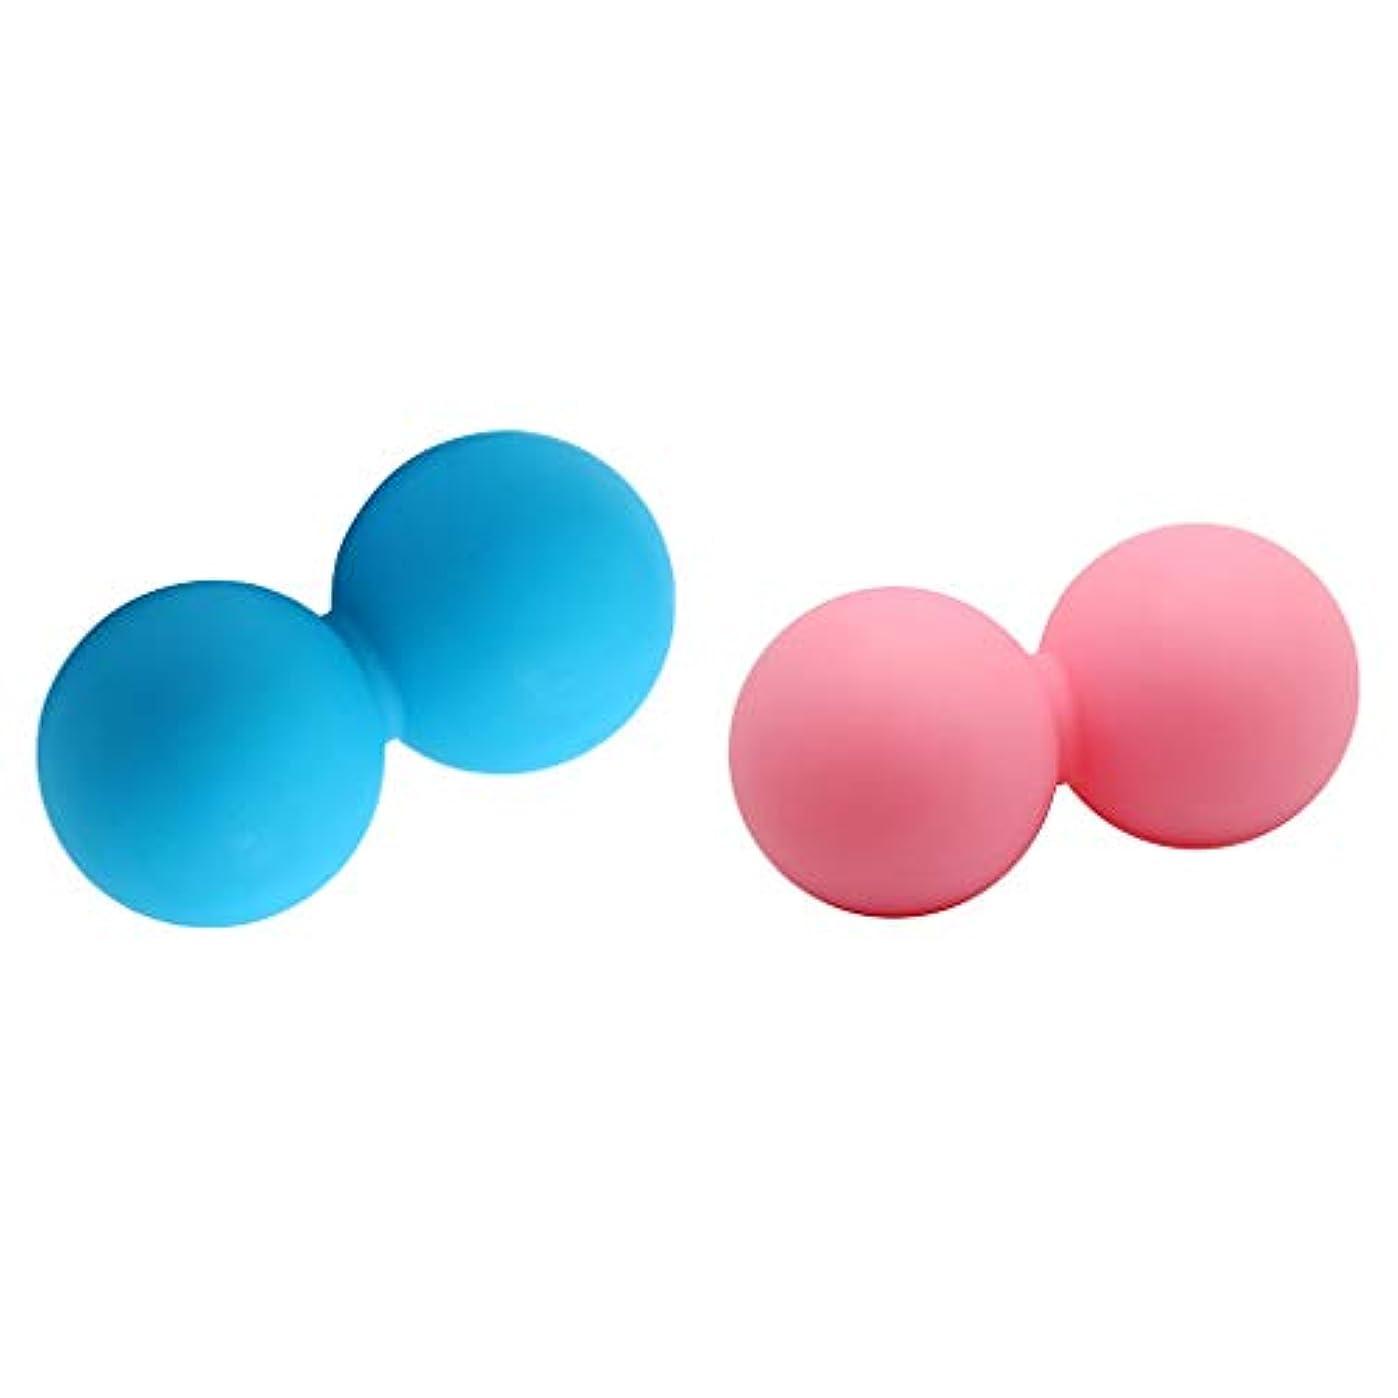 覚えている感じる衝突するFLAMEER 2個 マッサージボール ピーナッツ ダブルラクロスマッサージボール 筋膜リリース 家庭、オフィス旅行